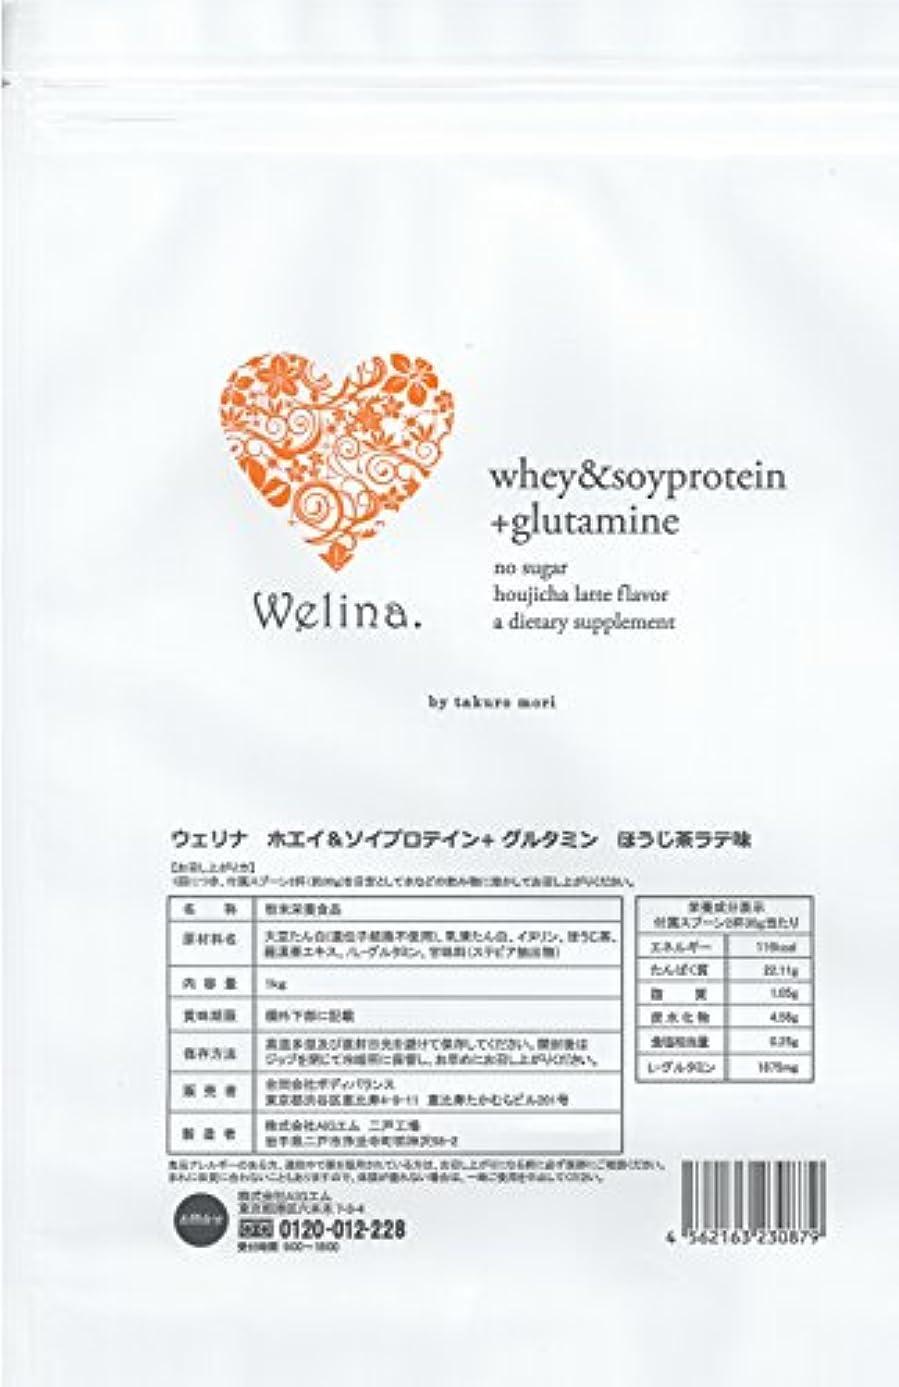 蒸発フラフープ地理ウェリナ ホエイ&ソイプロテイン+グルタミン ほうじ茶ラテ味 1kg